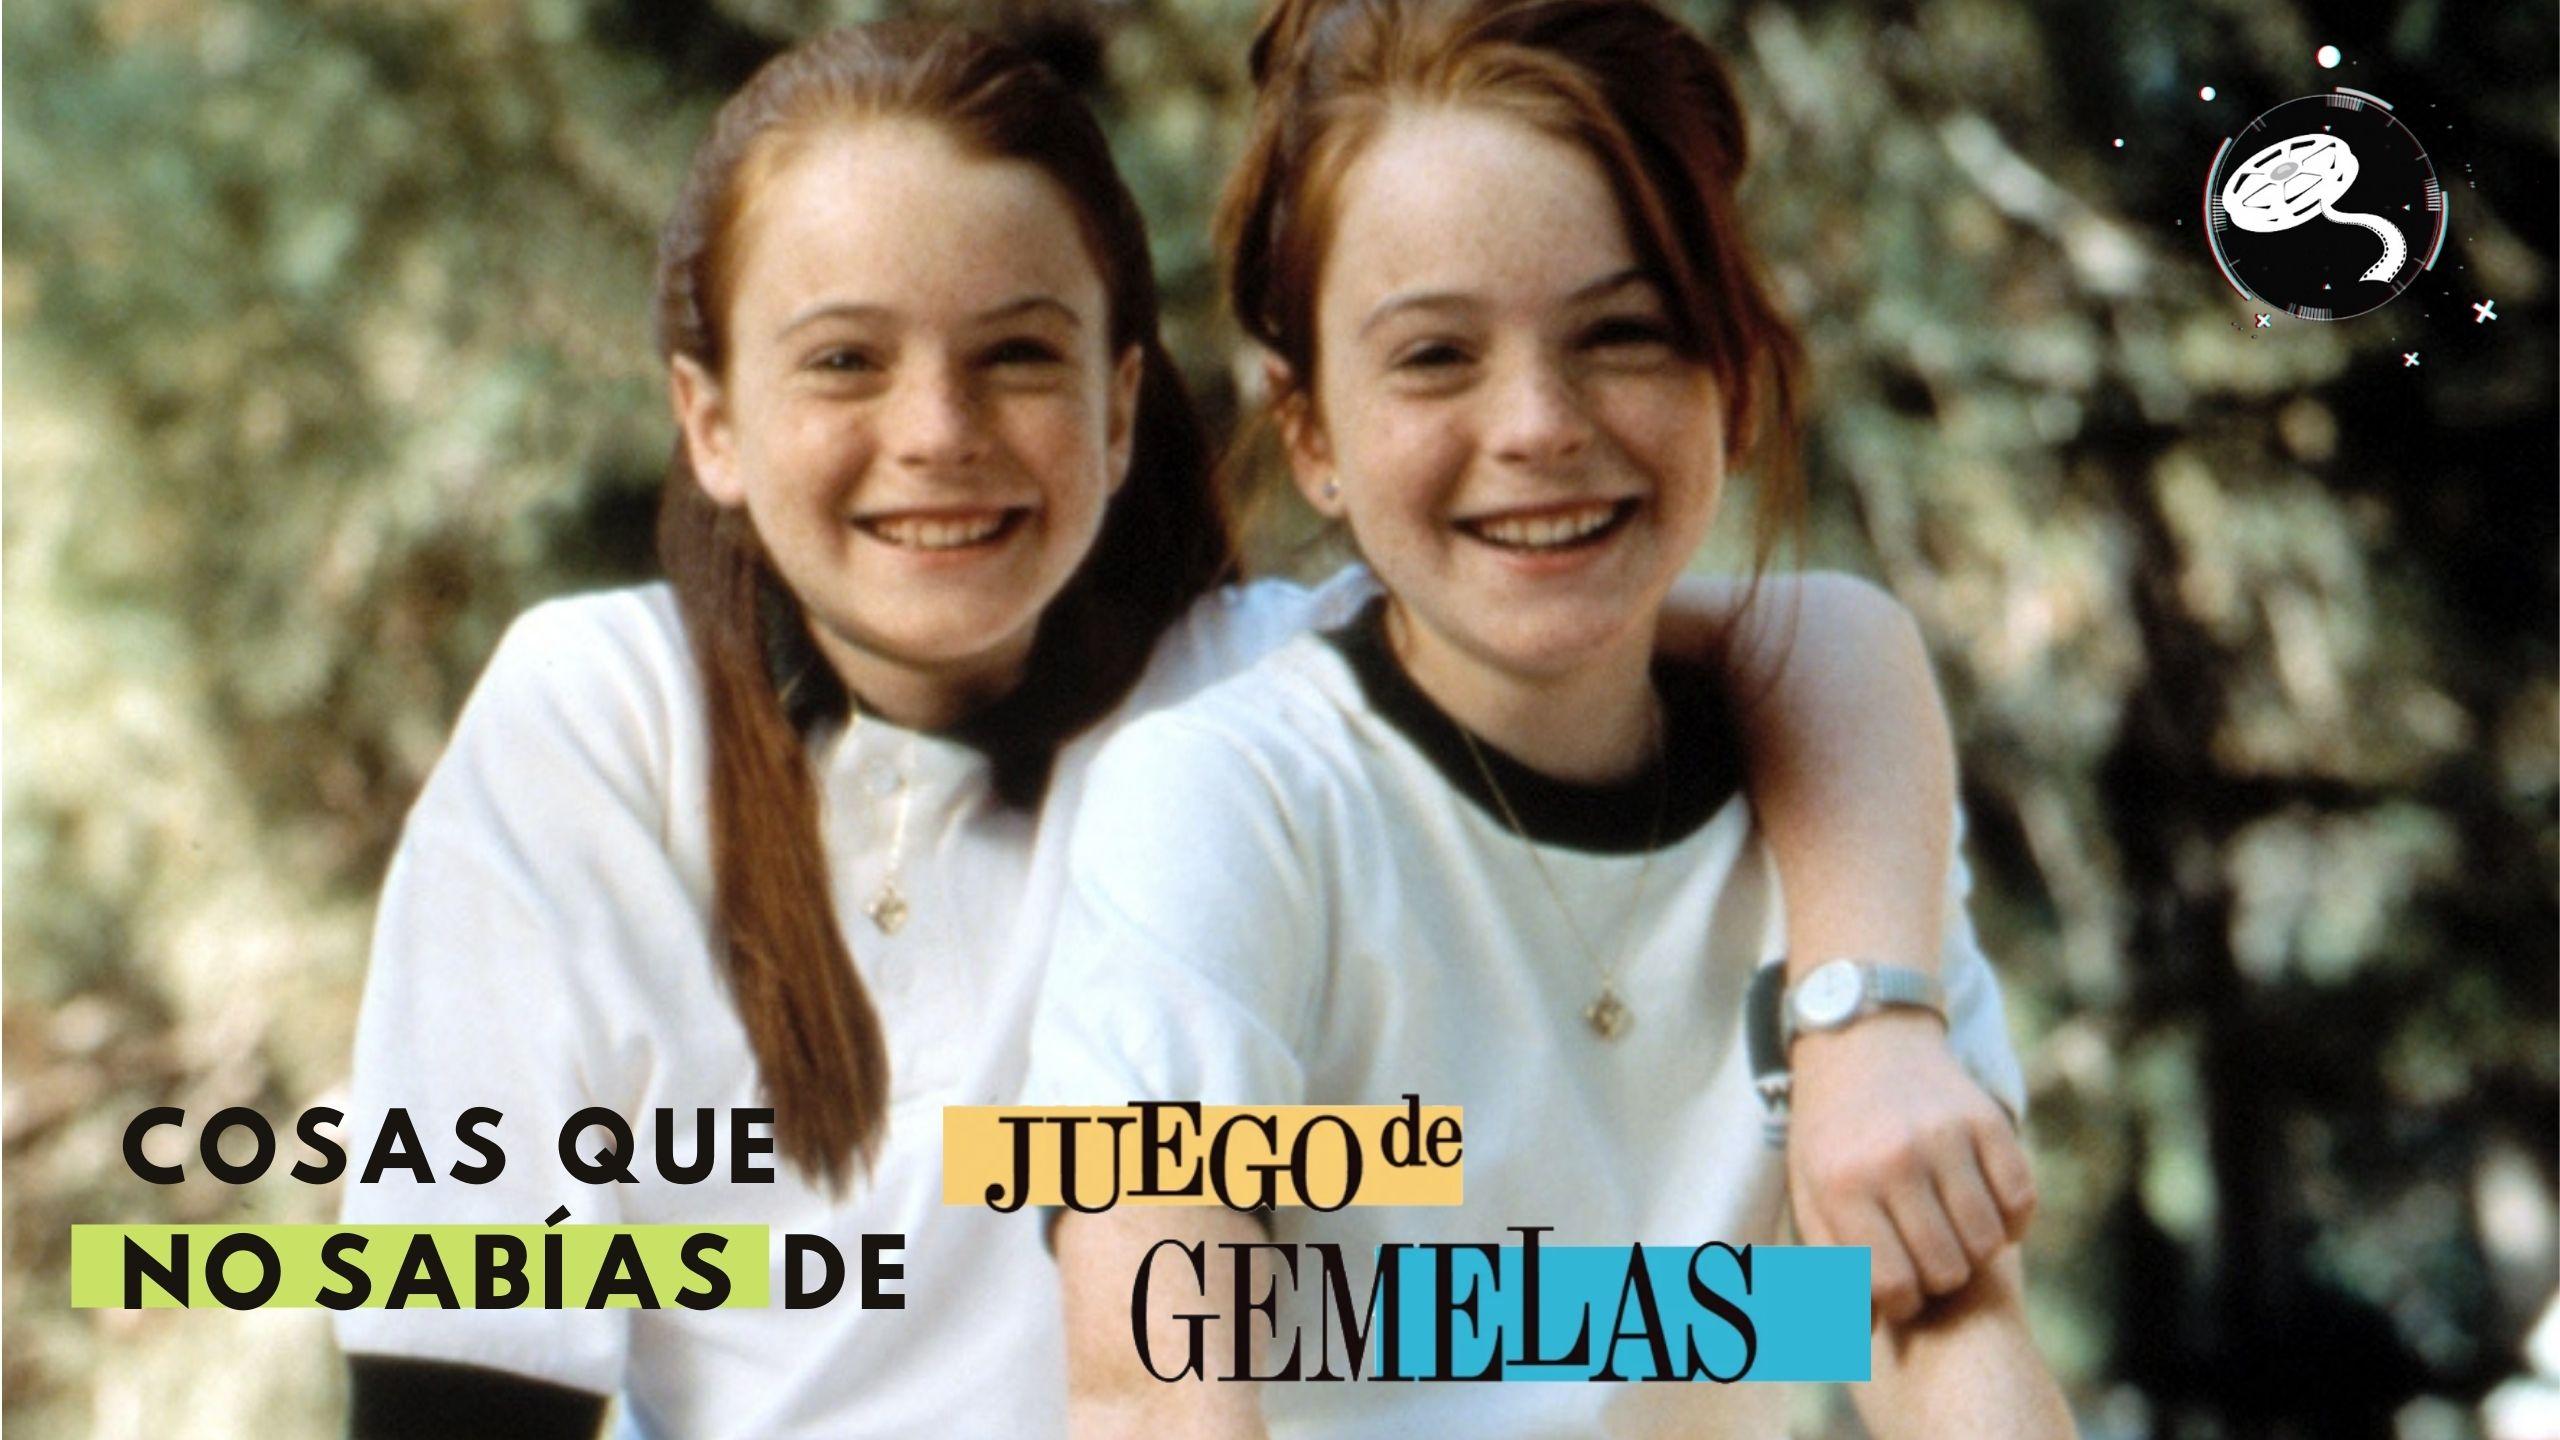 CLOSE UP: JUEGO DE GEMELAS